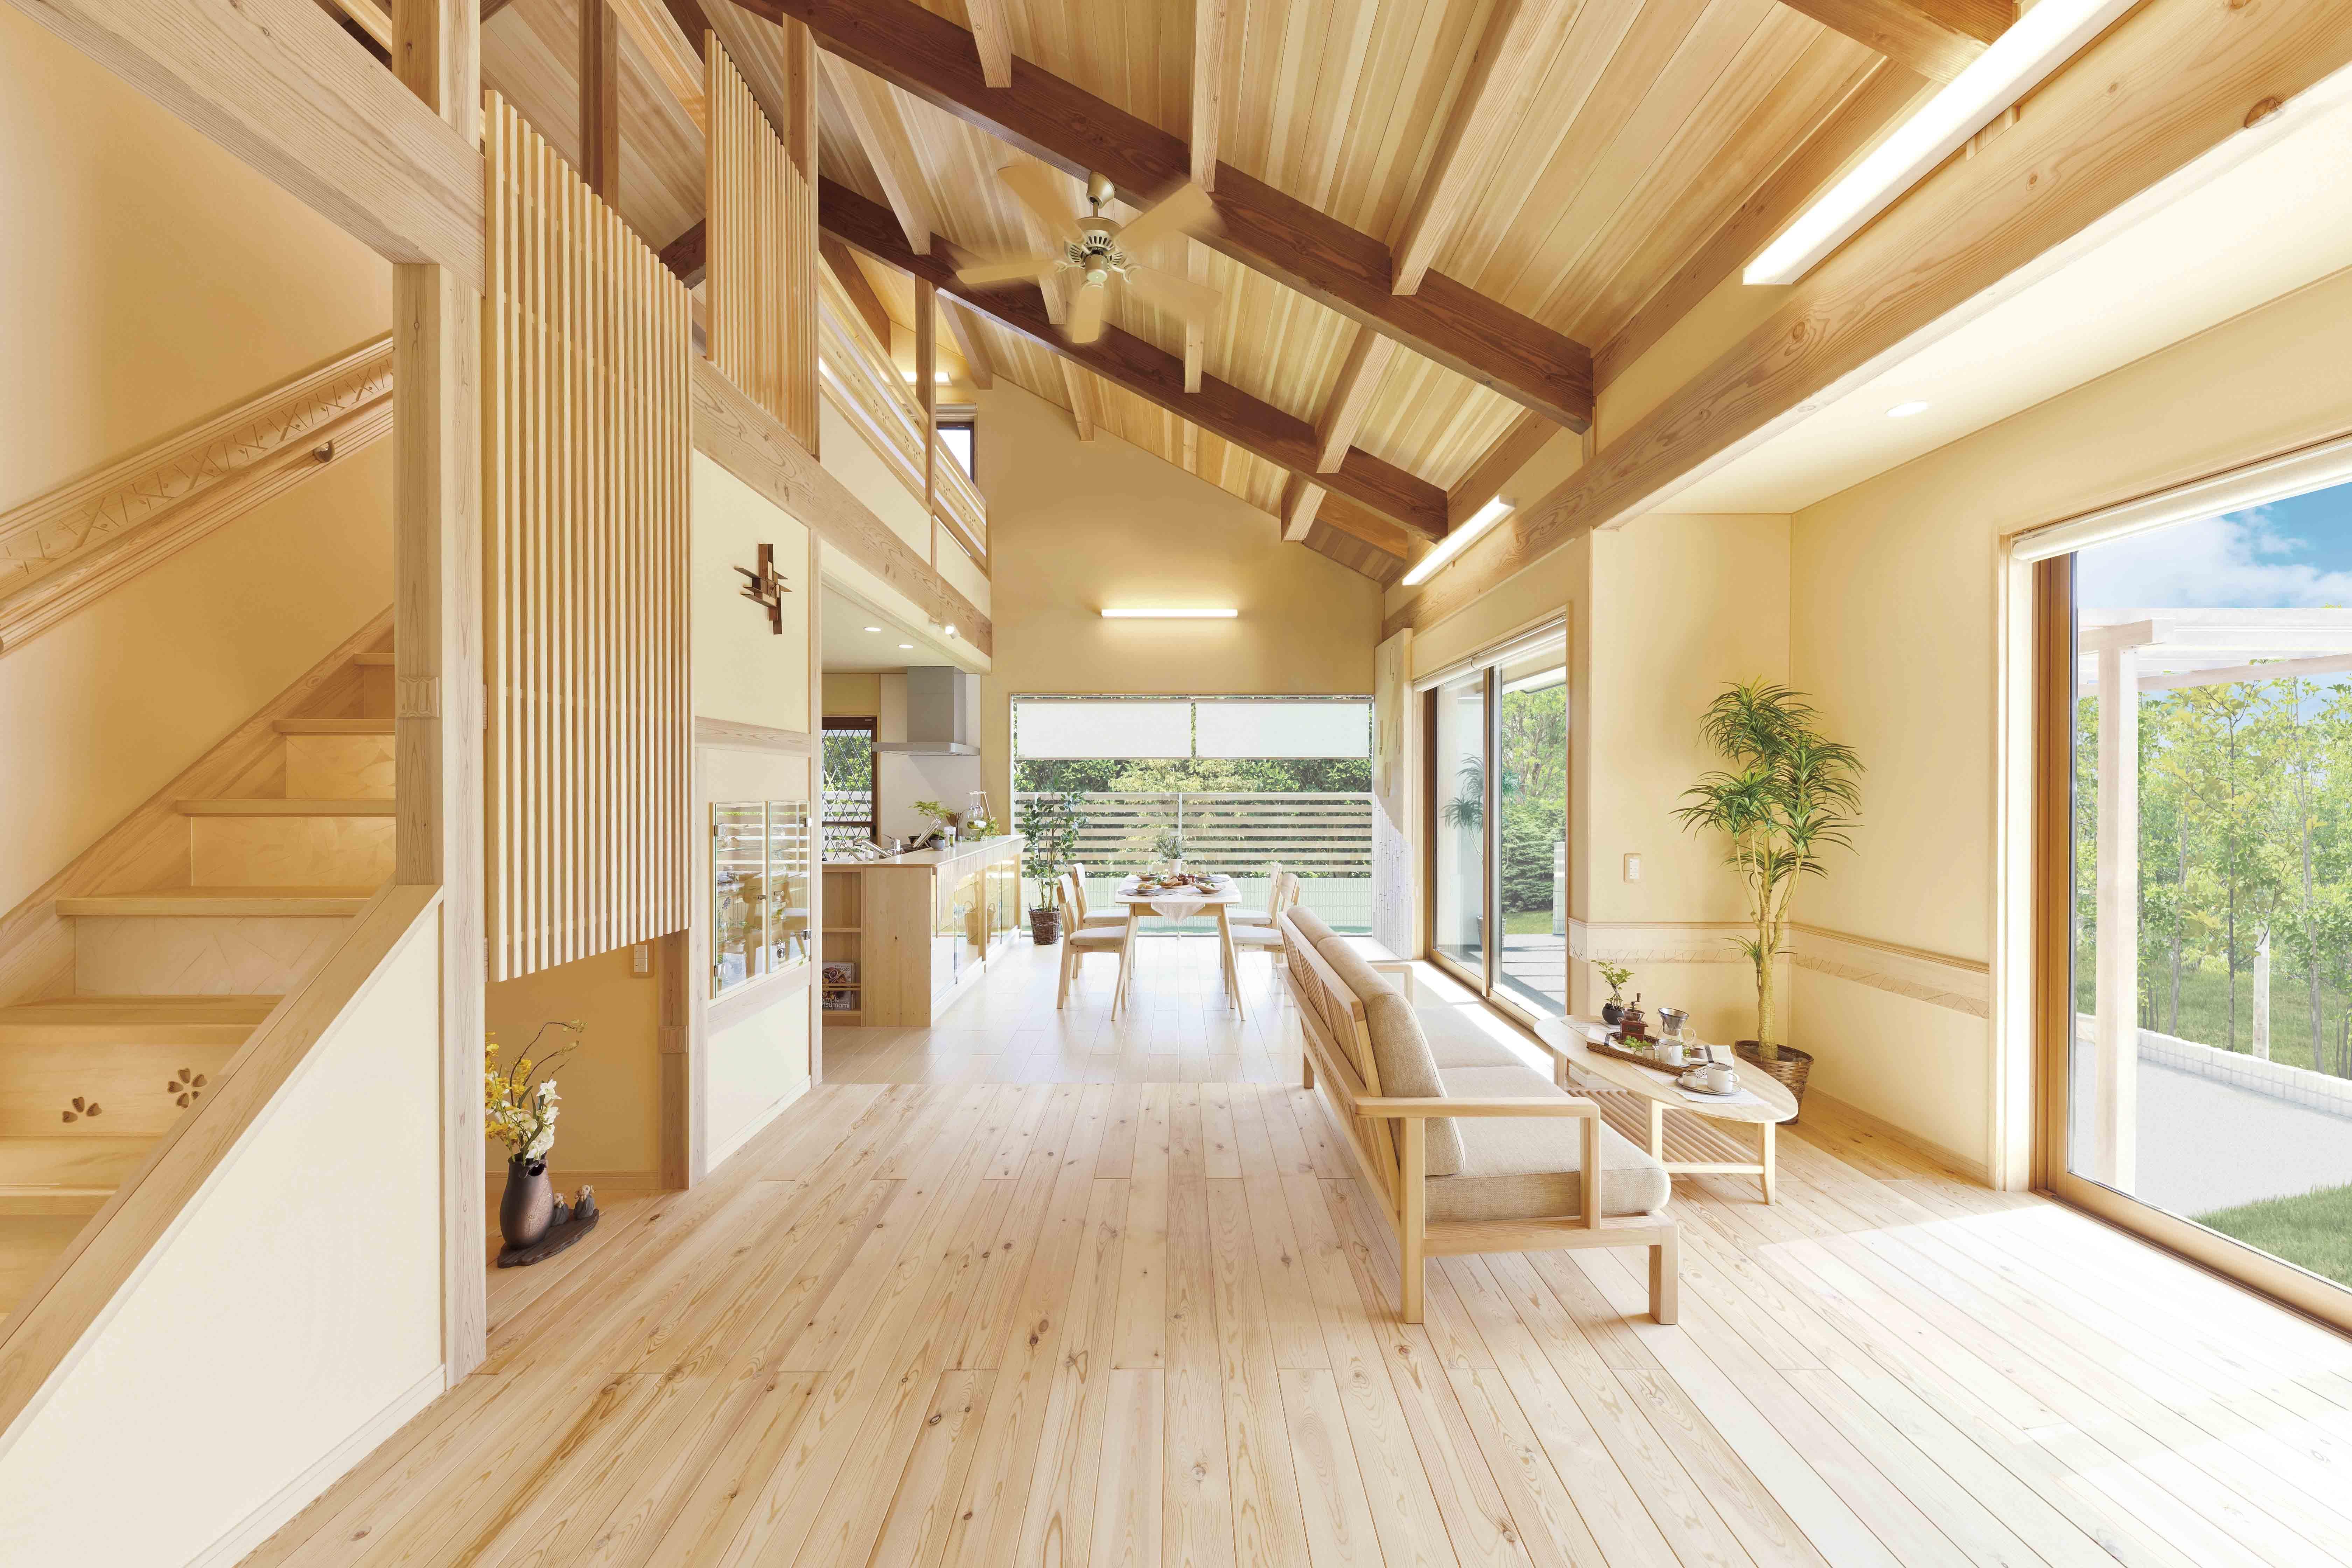 天然木・自然素材の家 構造見学会開催(予約制)